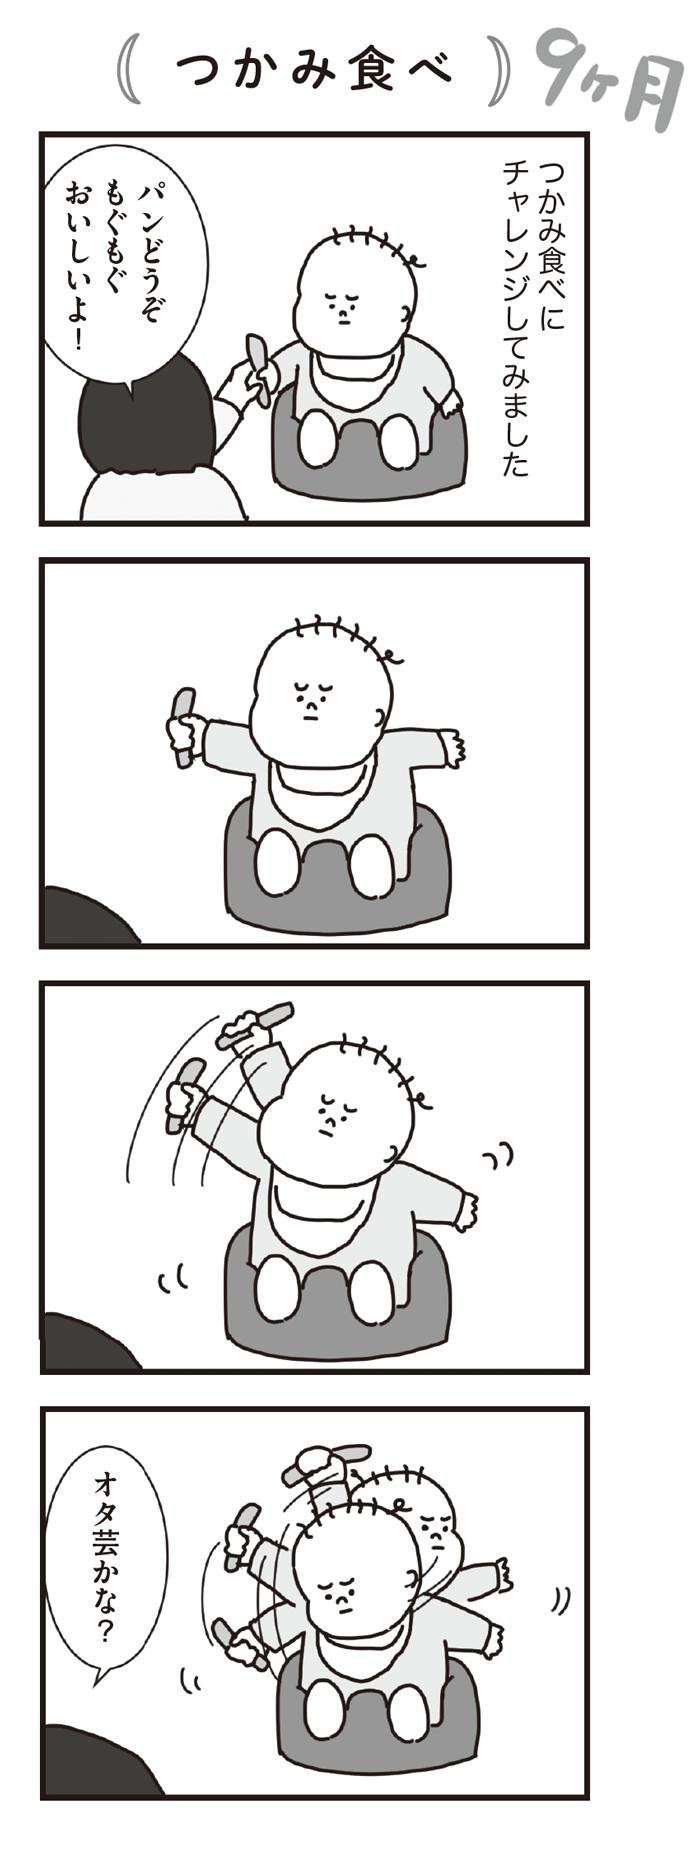 まるでオタ芸?赤ちゃんの不思議な動きはネタの宝庫!(笑)の画像3